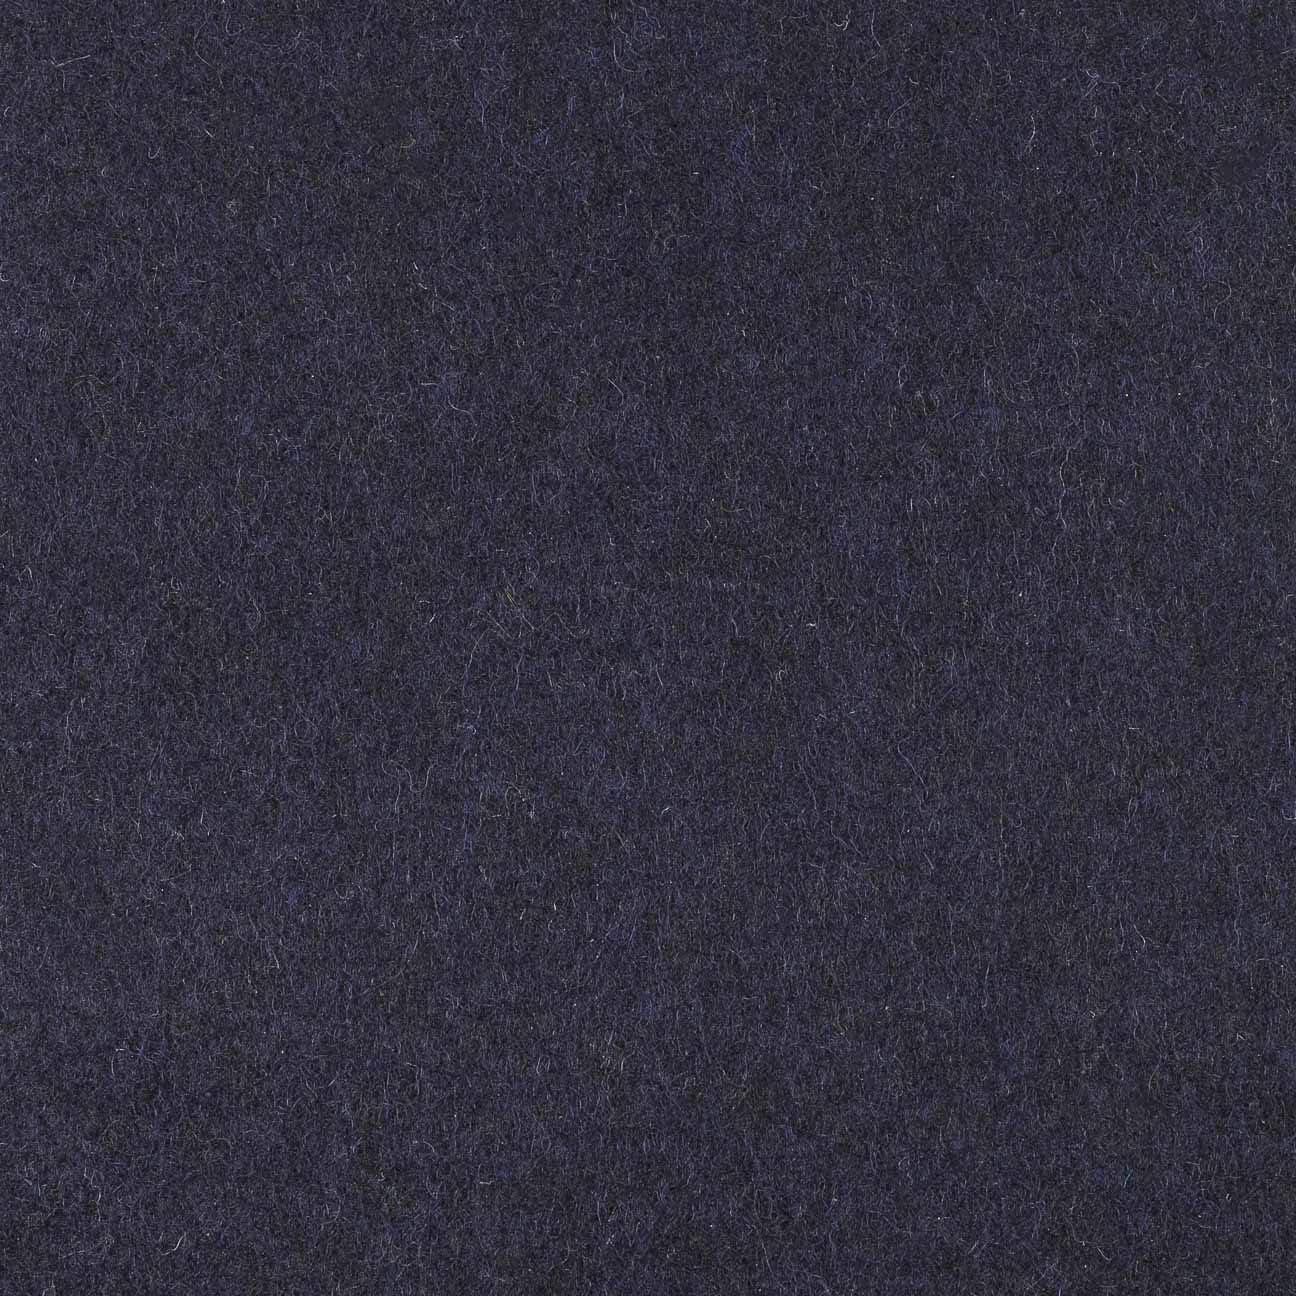 Berretto Sportivo l/'Inverno Lipodo Coppola Sportiva Marrone Coppola per Lui e per Lei Berretto Piatto con Visiera Taglie 57 cm Blu